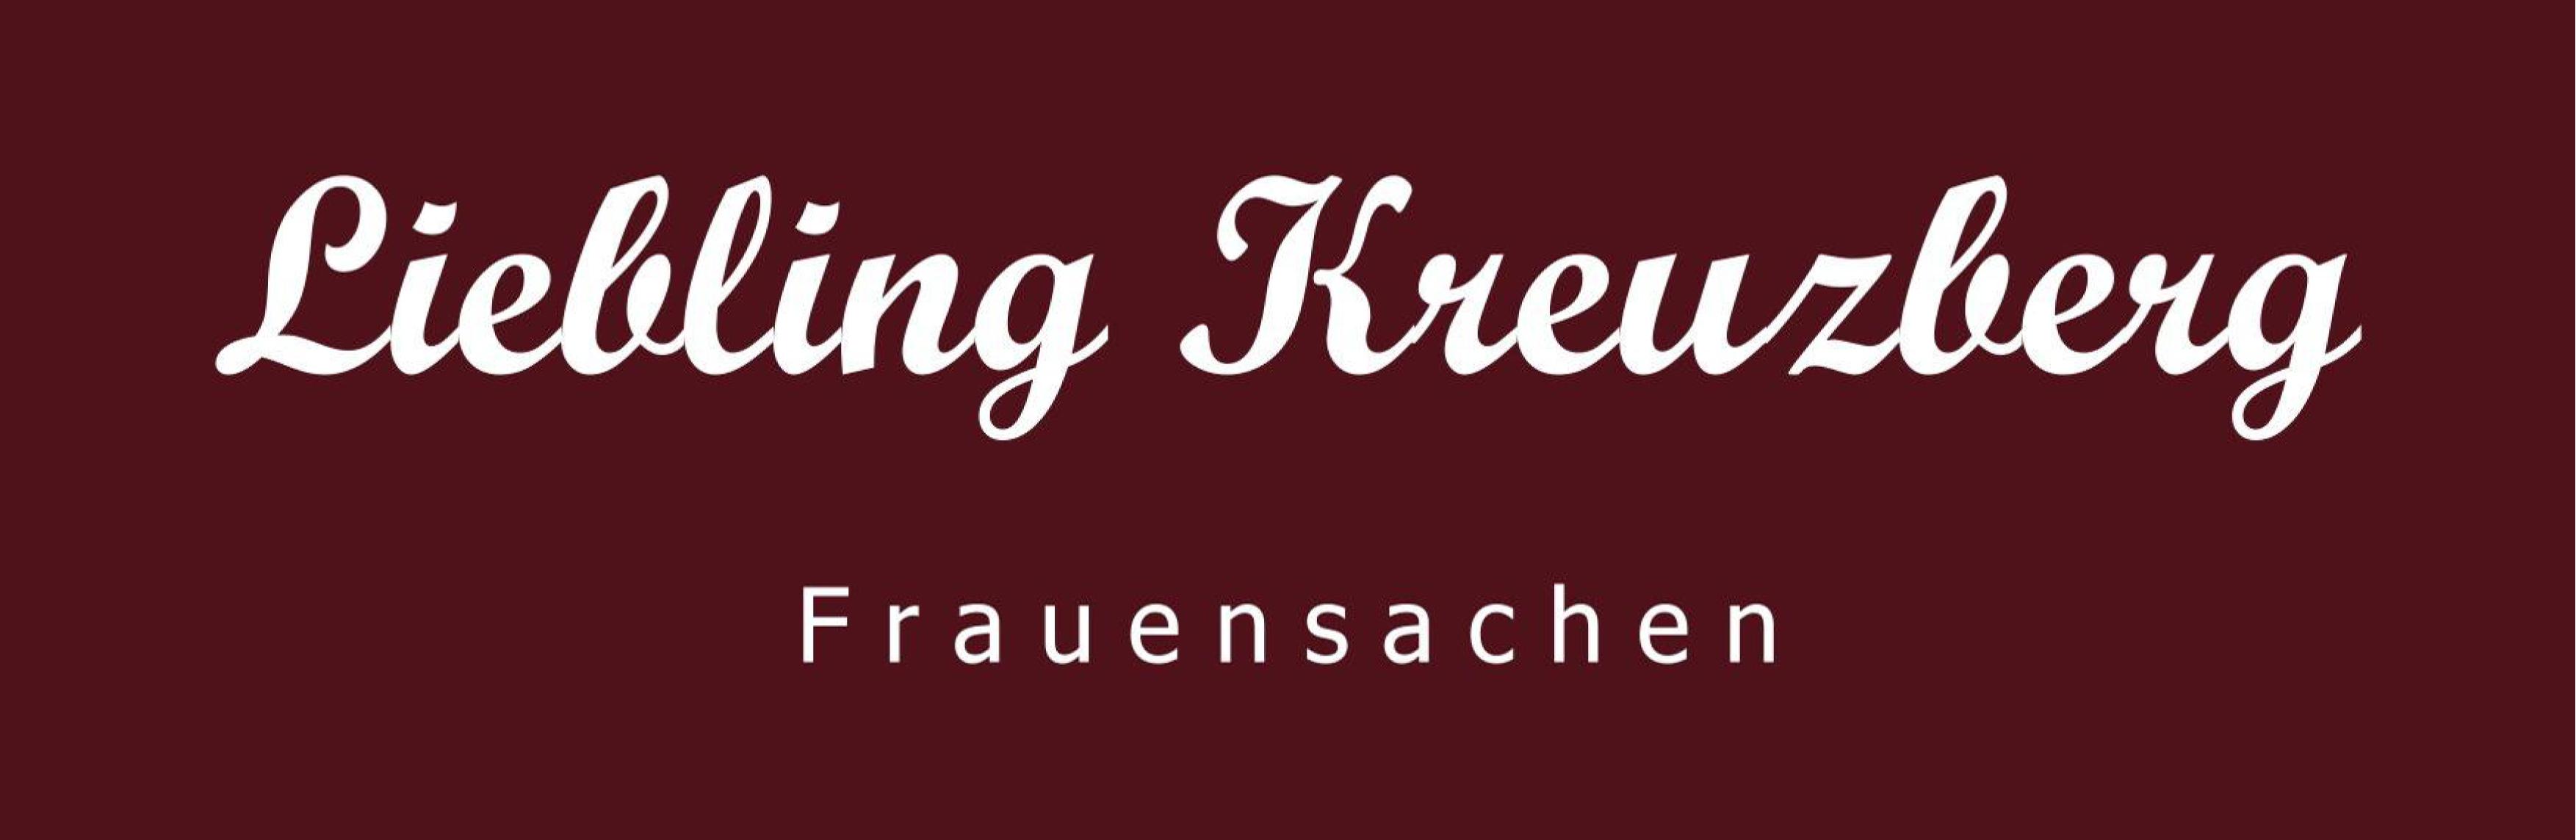 Liebling-Kreuzberg